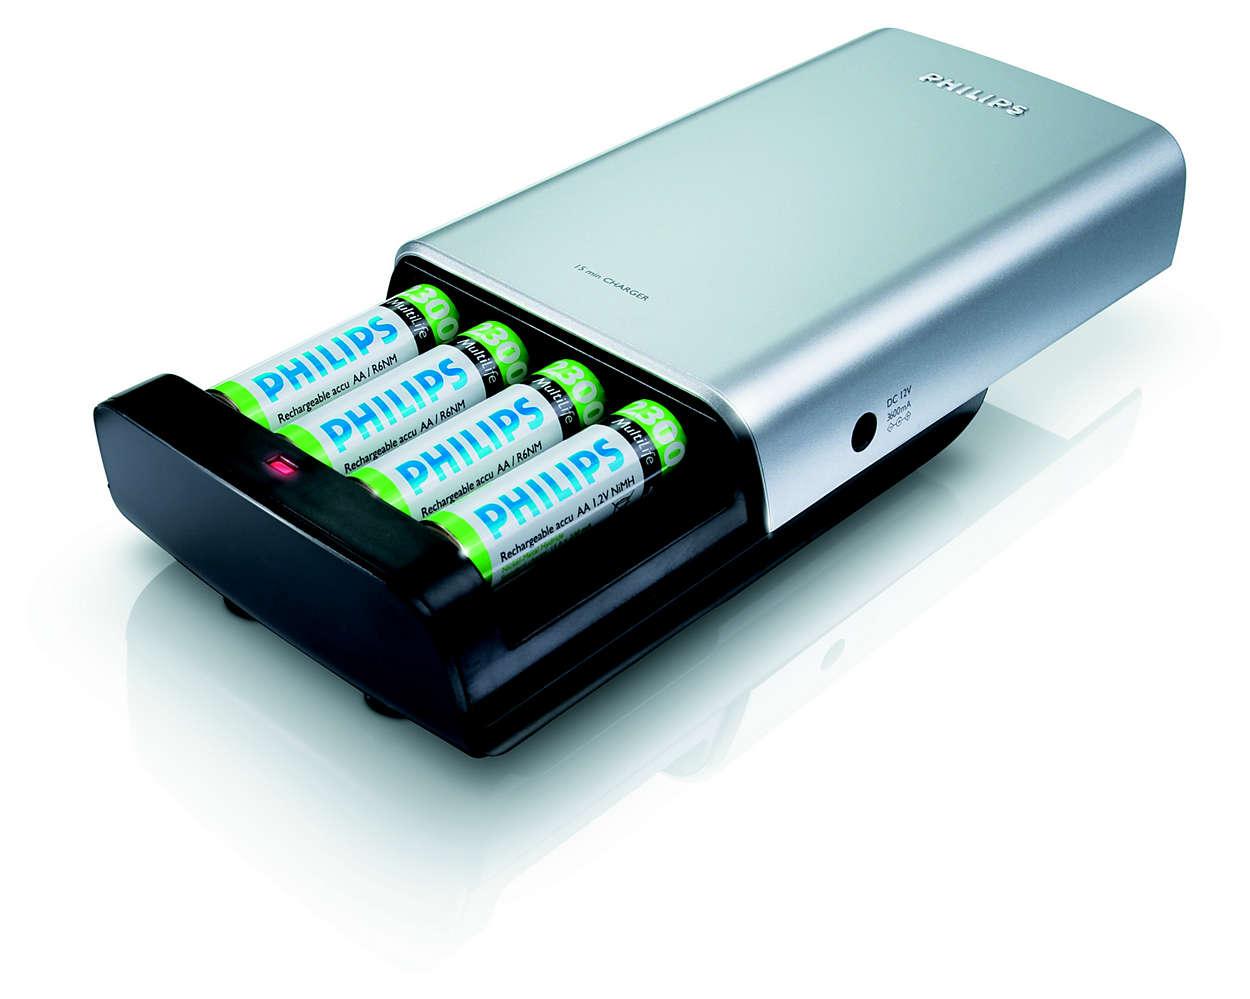 Зарежда напълно 1 до 2 батерии за 12 минути